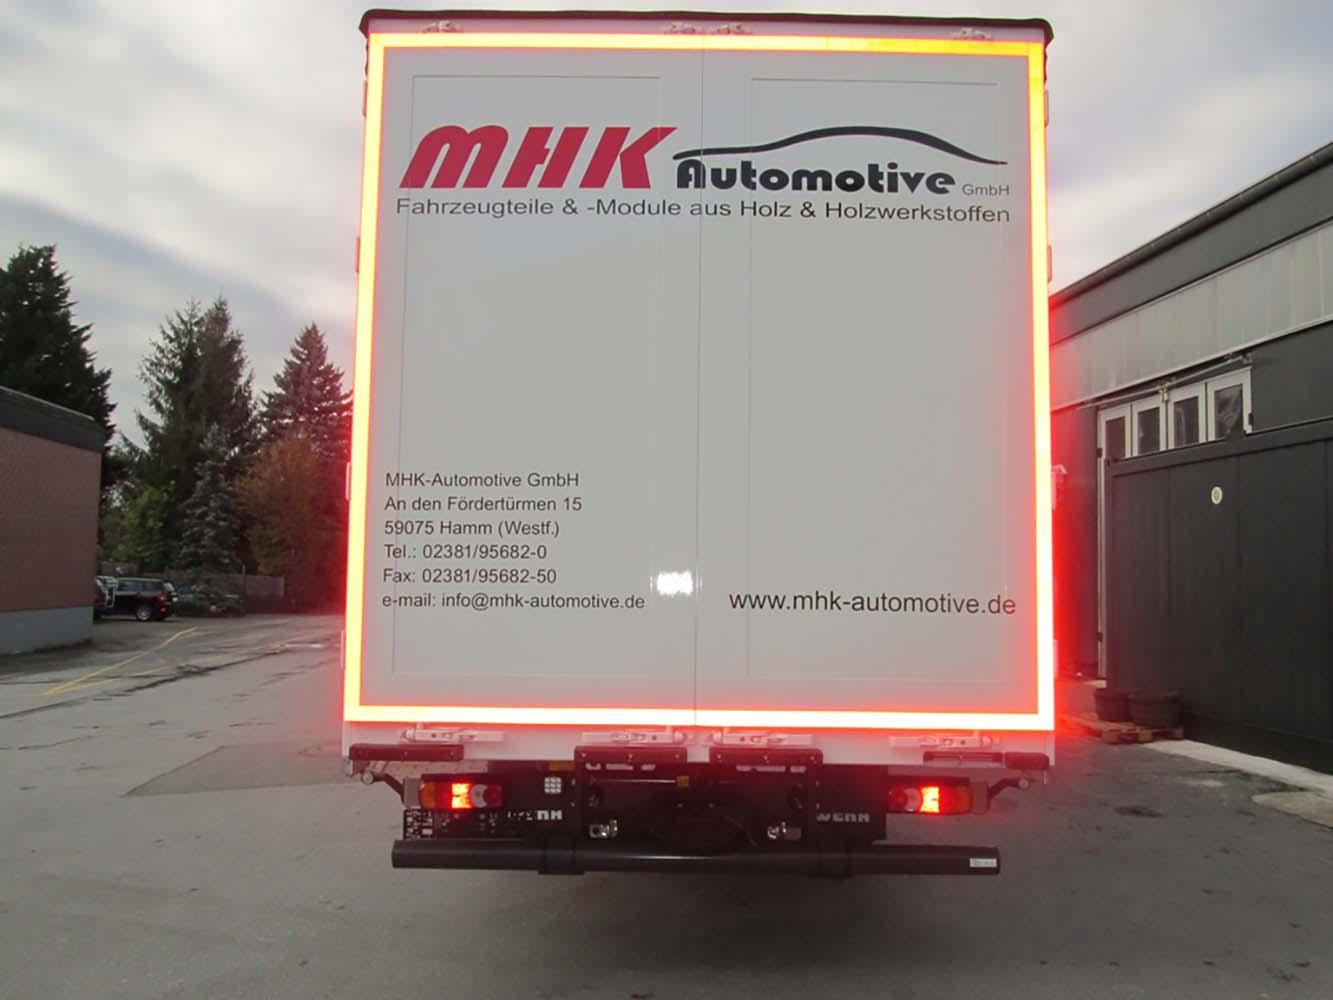 Schiebespann-Planenaufbau auf LKW Fahrgestell mit festem Planendach (2)